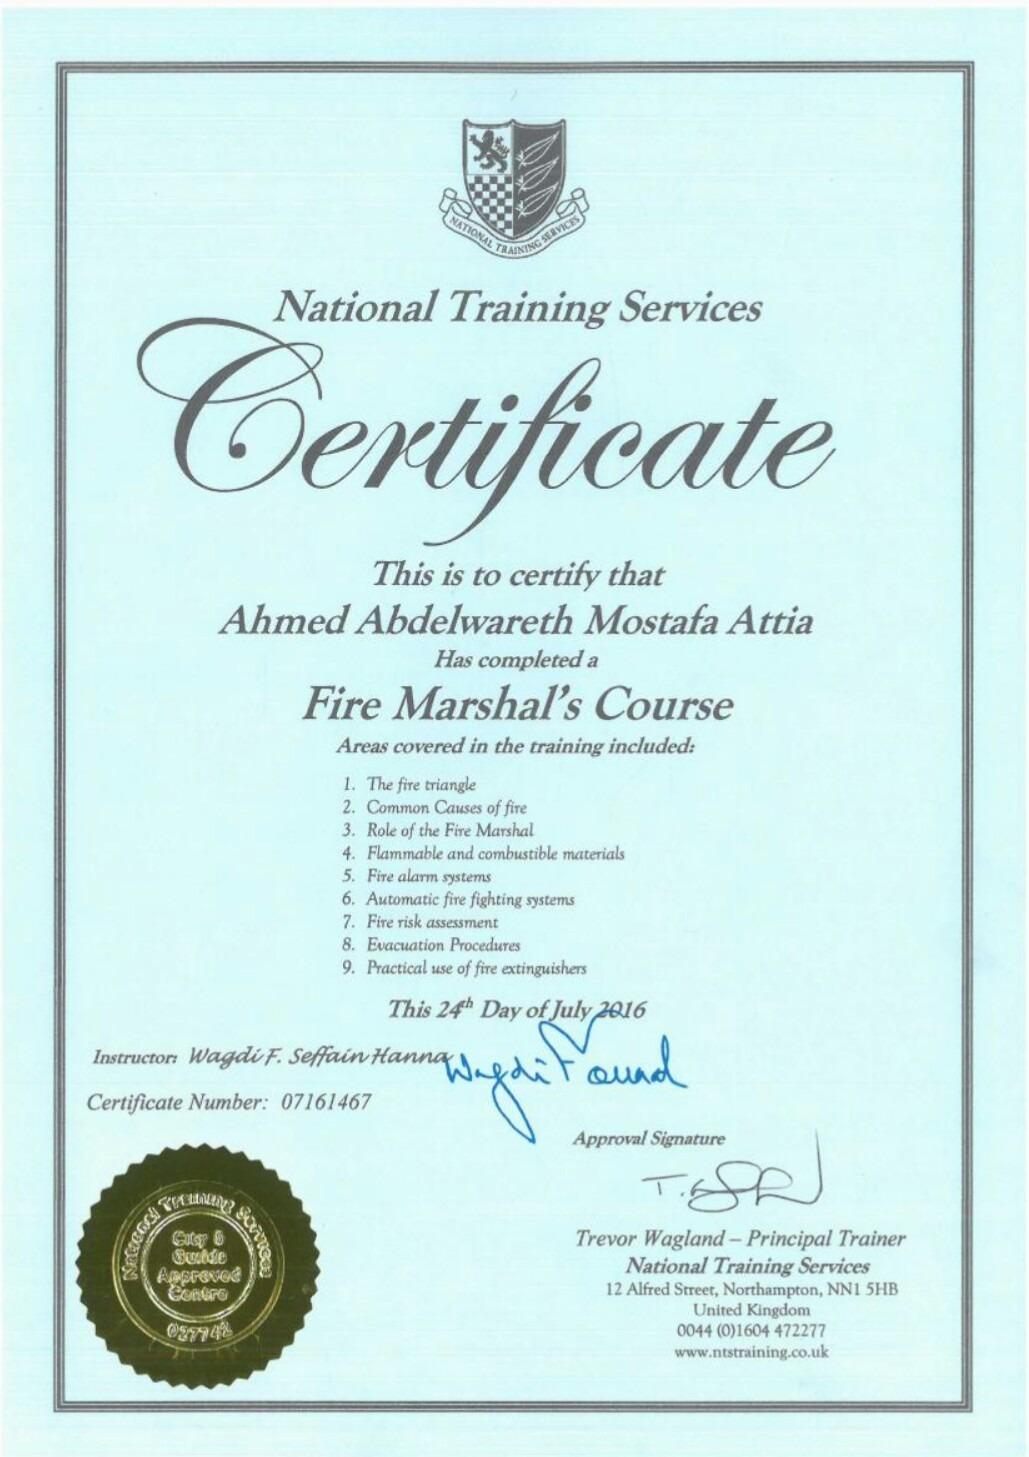 ahmed abd el wareth mostafa attia bayt com fire marshals certificate